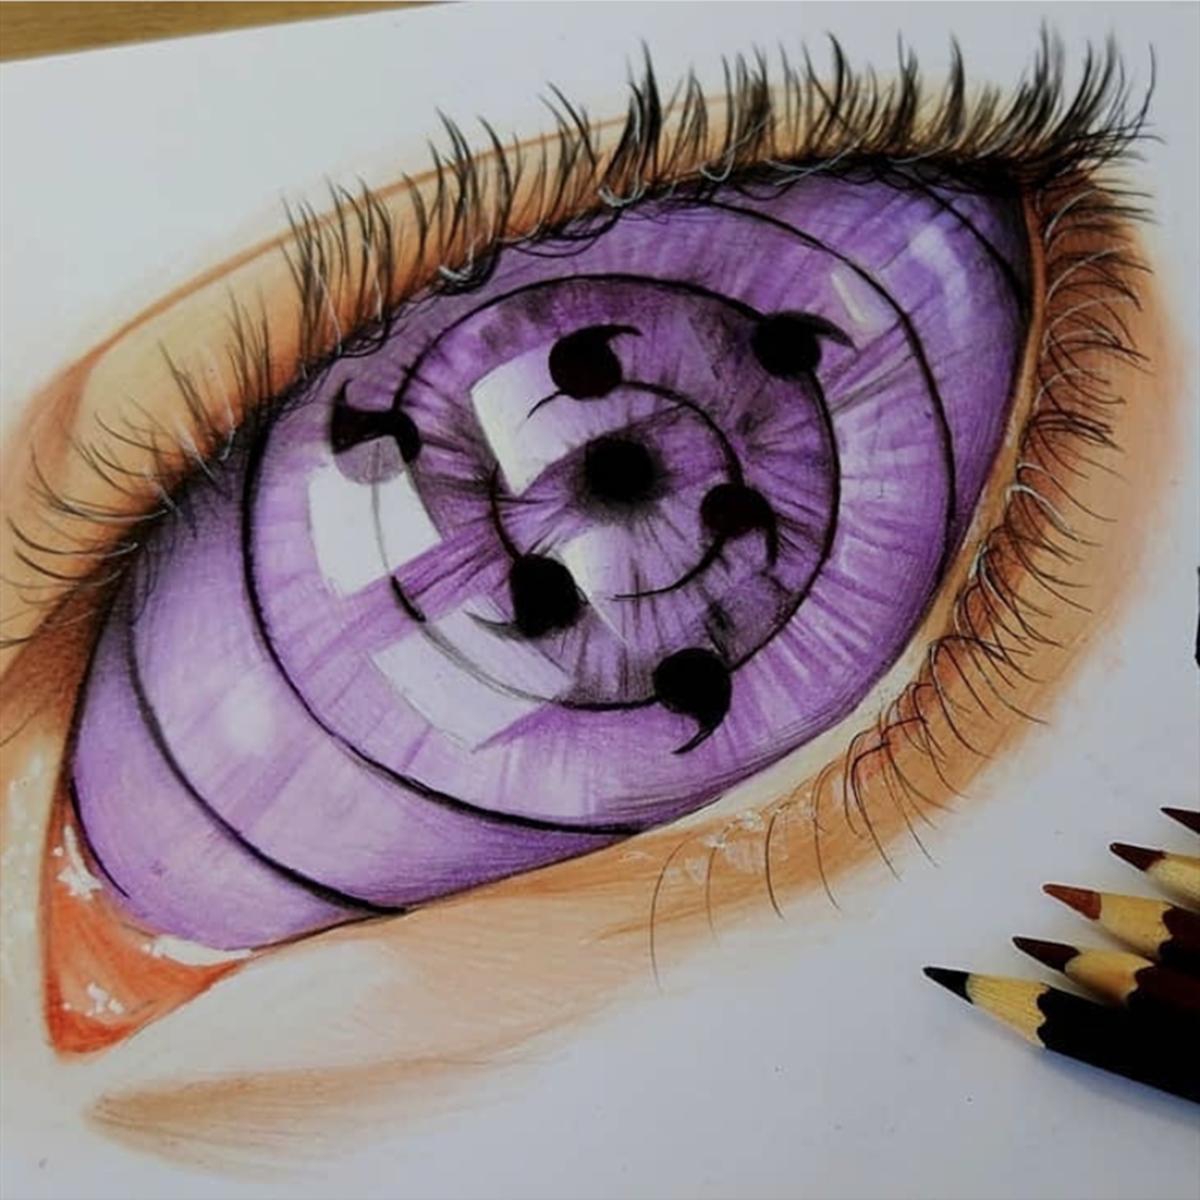 《火影忍者》中的各色瞳術,白眼提升氣質,寫輪眼帥氣但費眼睛